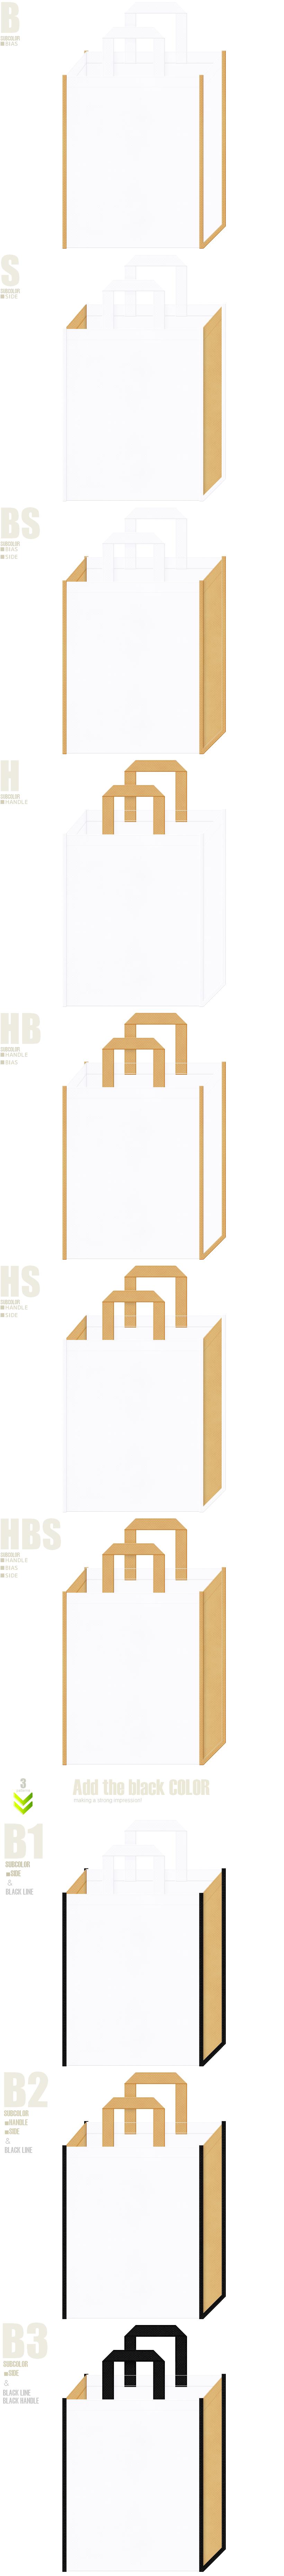 白色と明るめの黄土色の不織布トートバッグデザイン。学校・オープンキャンパスにお奨めです。